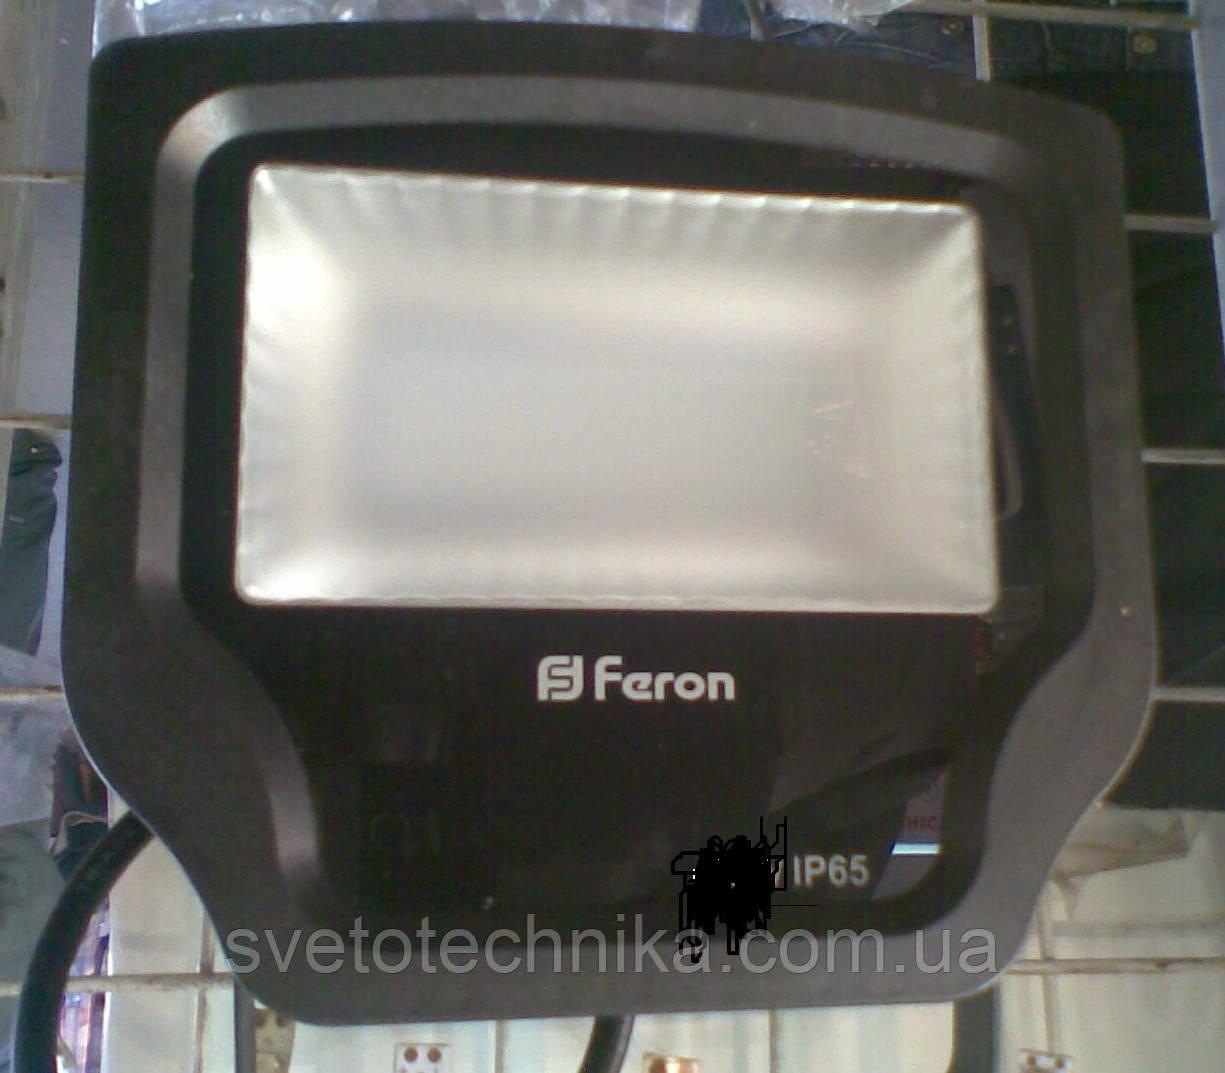 Прожектор светодиодный в тонком корпусеFeron LL471100W (цвет корпуса черный)